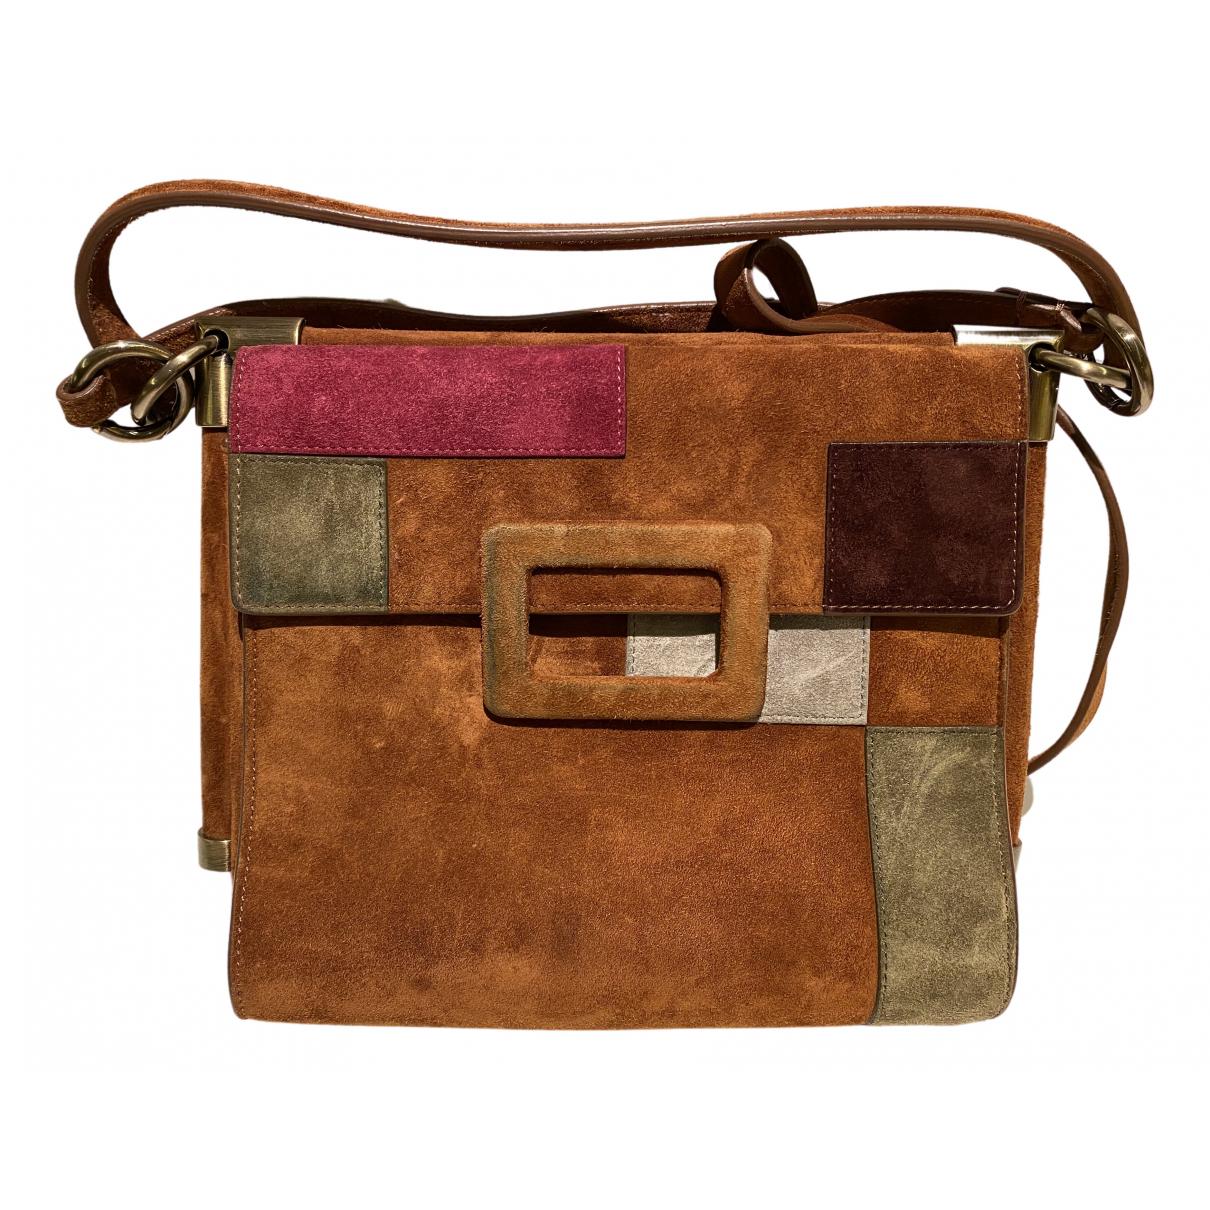 Roger Vivier Mini sac viv sellier Multicolour Suede handbag for Women \N